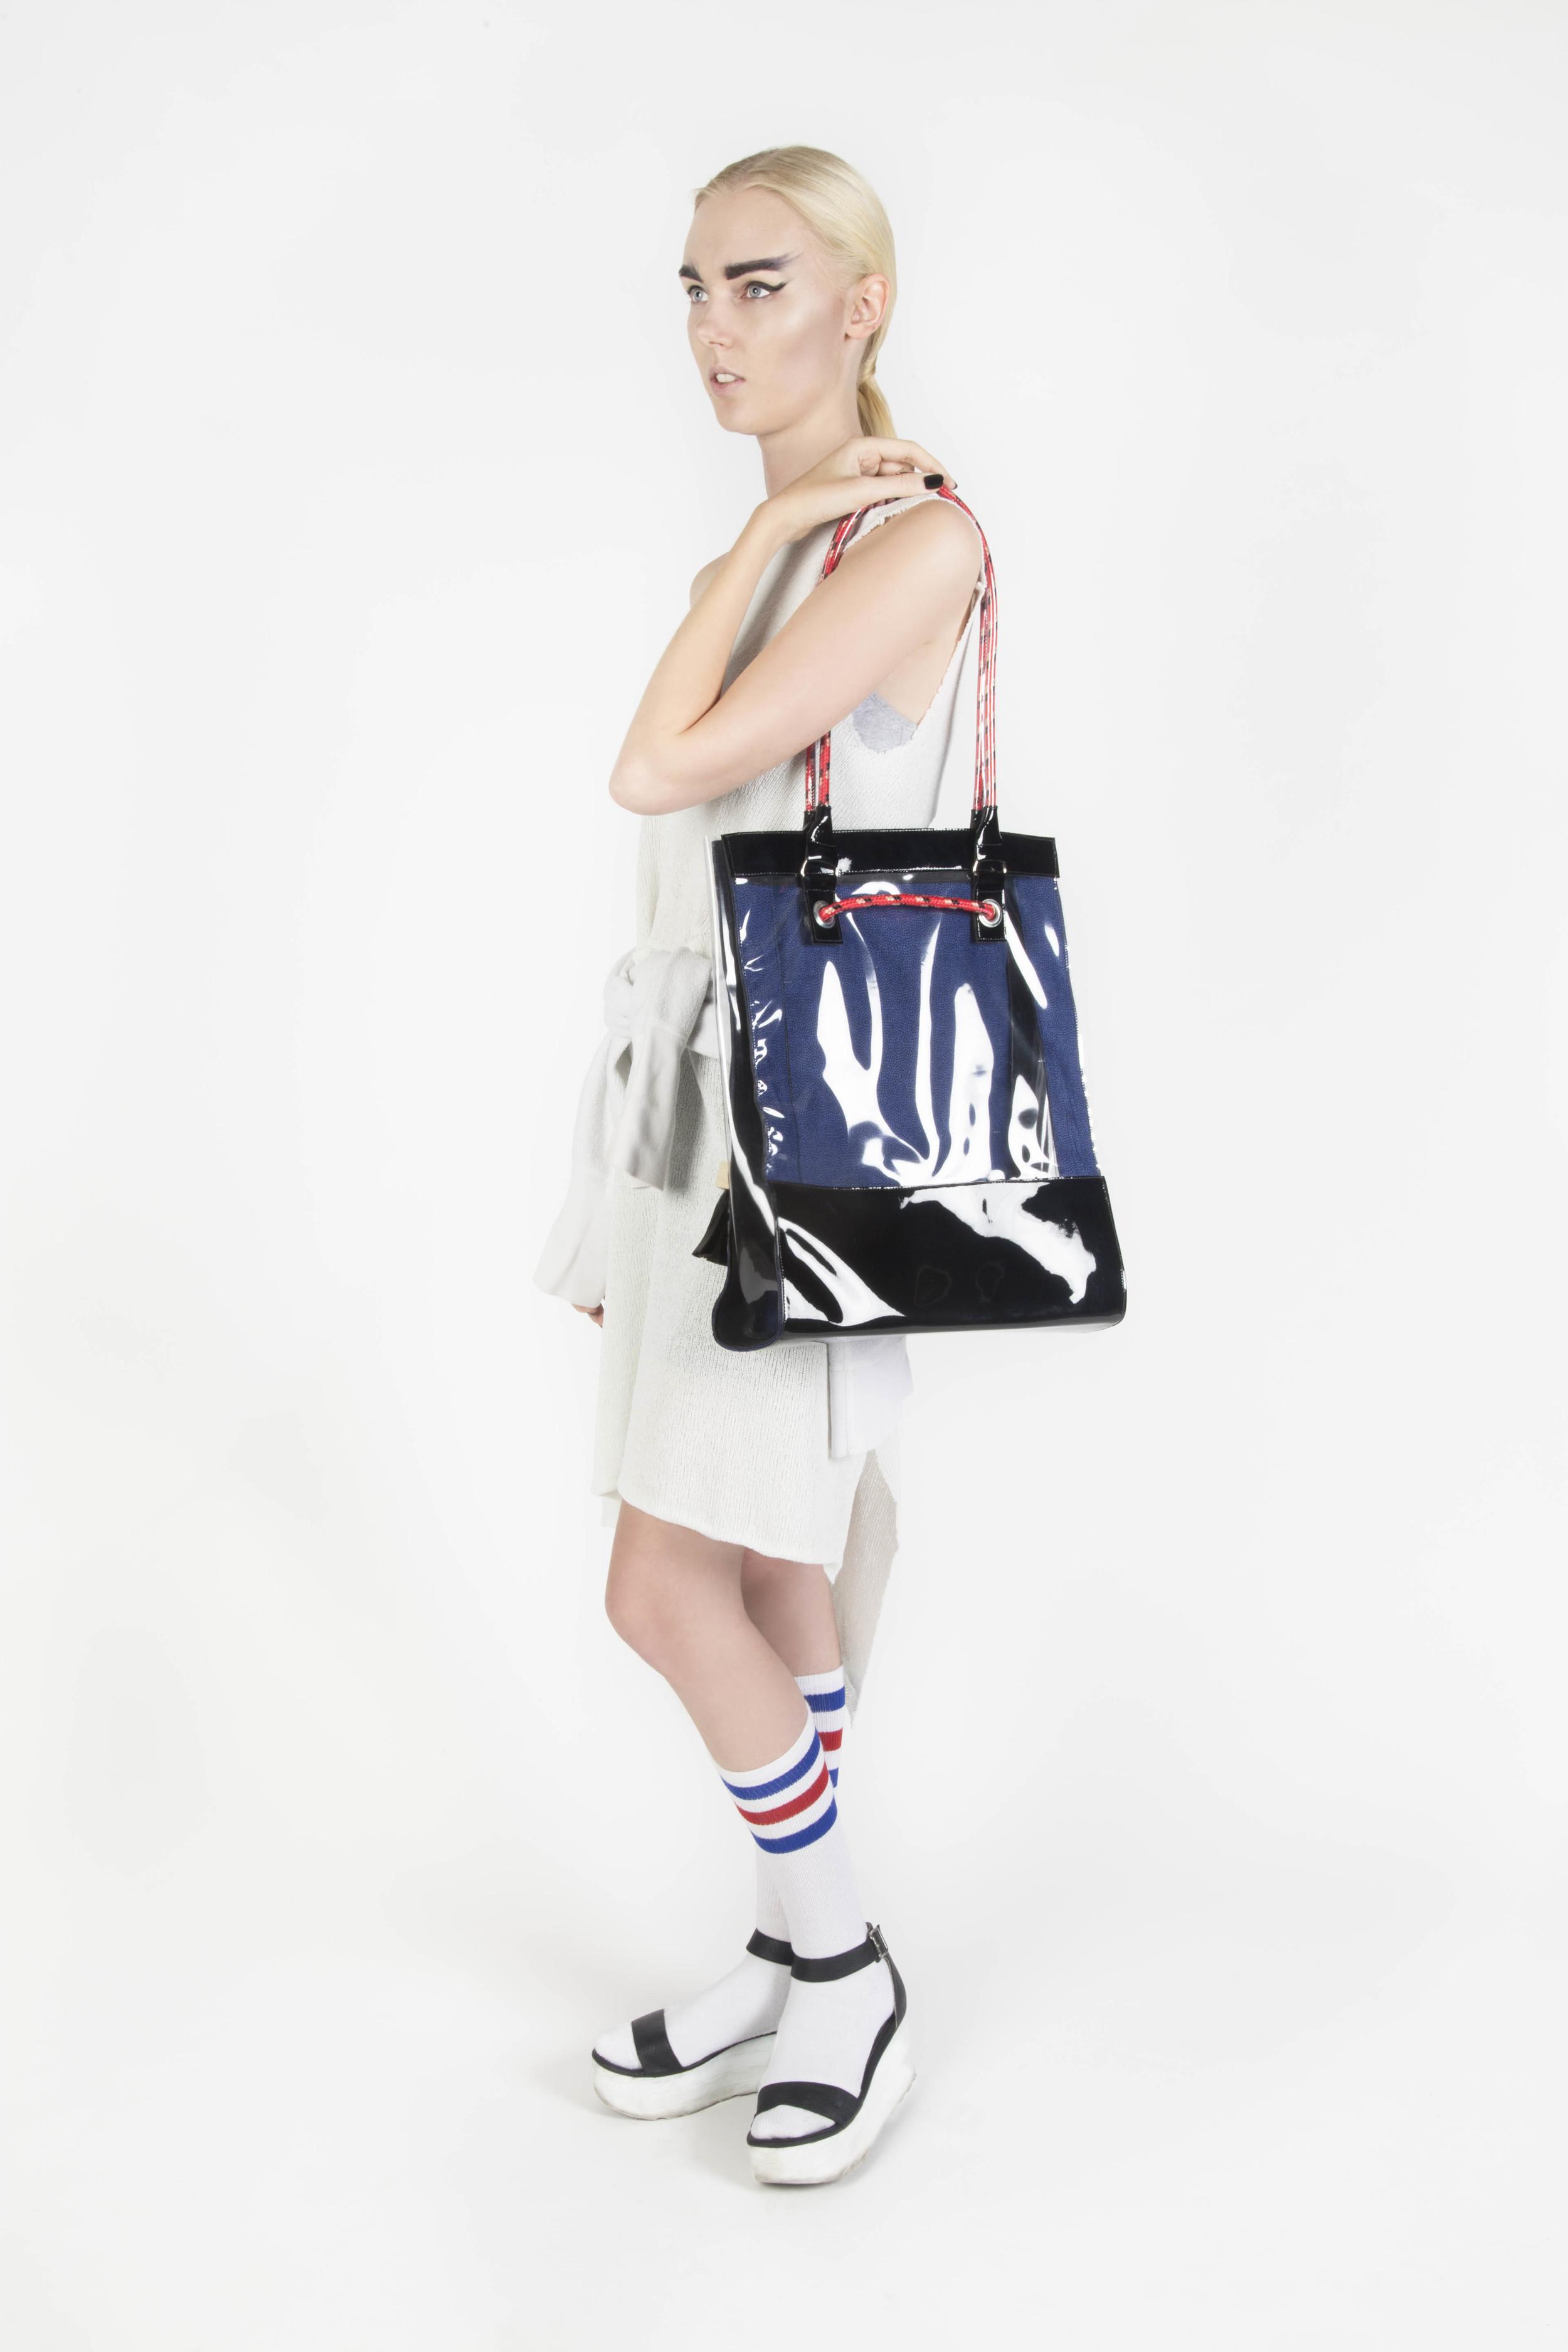 Handbags-19.jpg